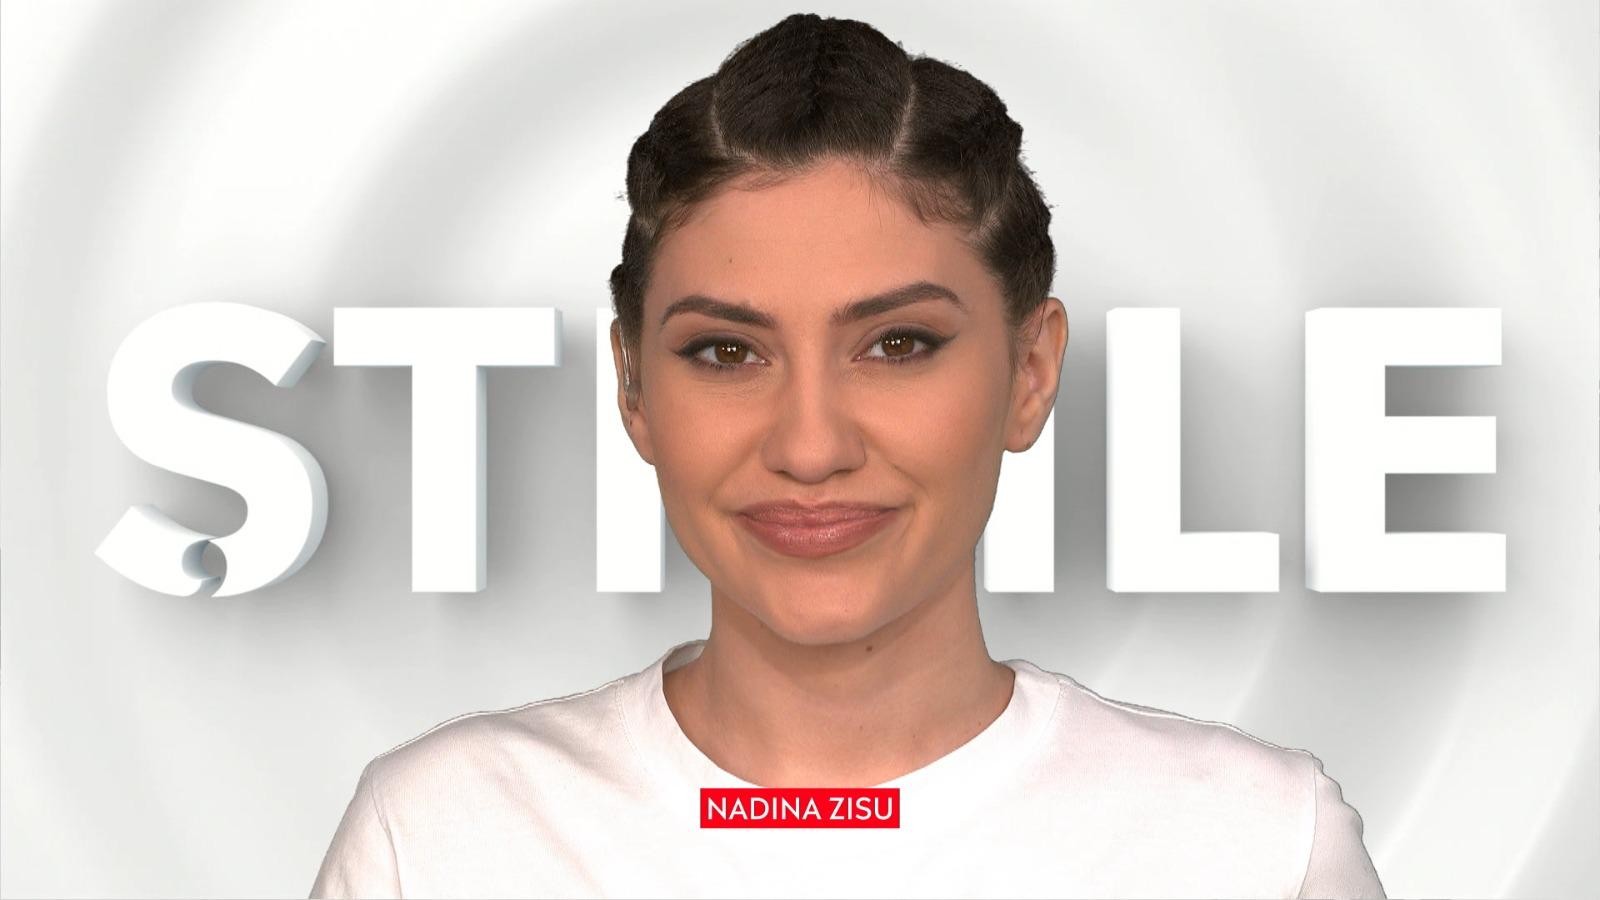 Știrile de la ora 09:00, prezentate de Nadina Zisu, 30 octombrie 2020